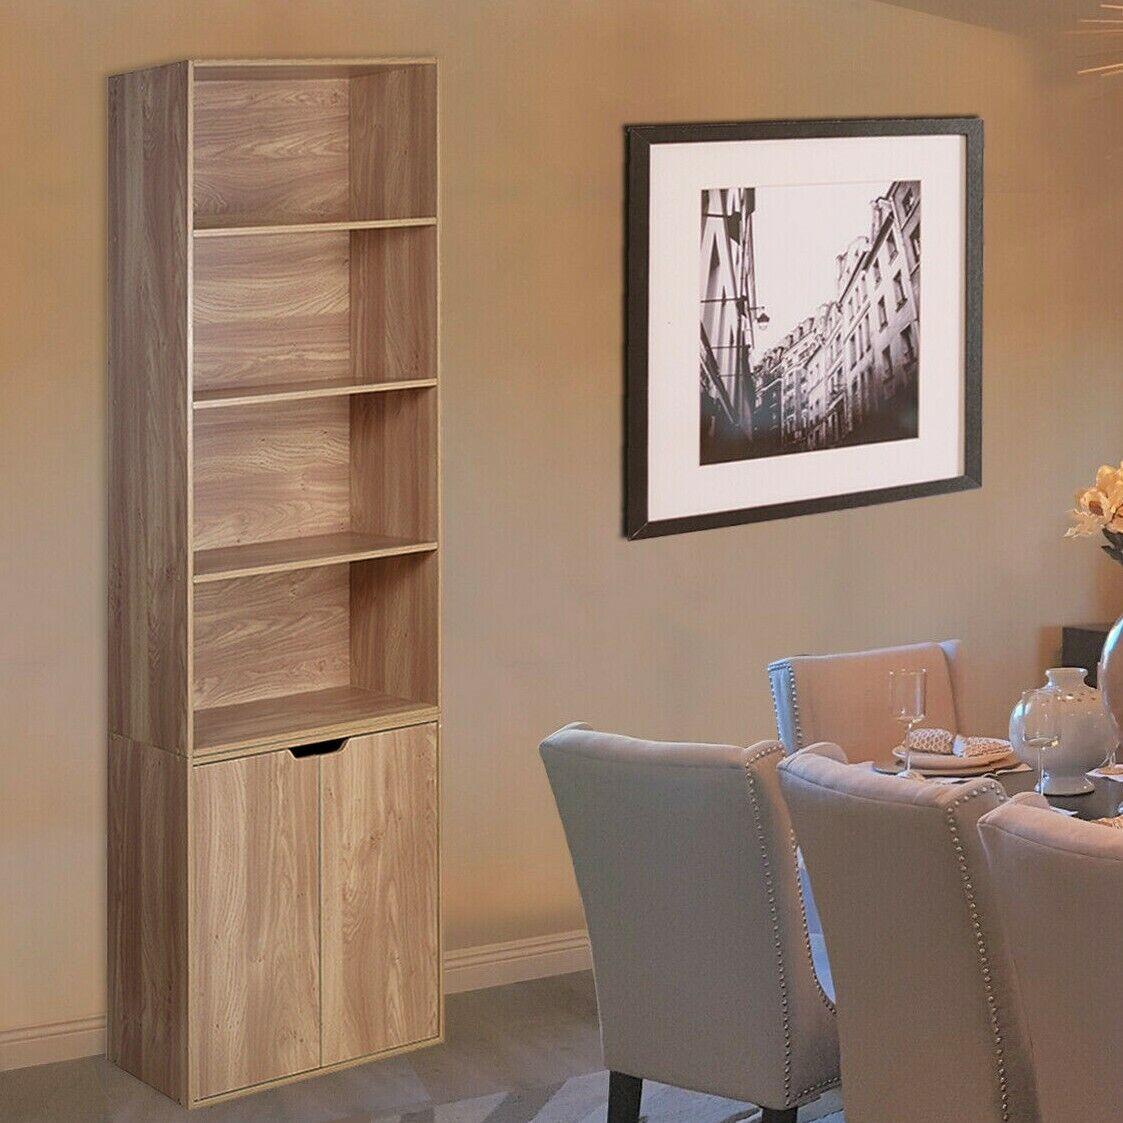 6 Tier Oak Bookcase With 2 Door Cupboard Storage Display Wood Shelf Living  Room